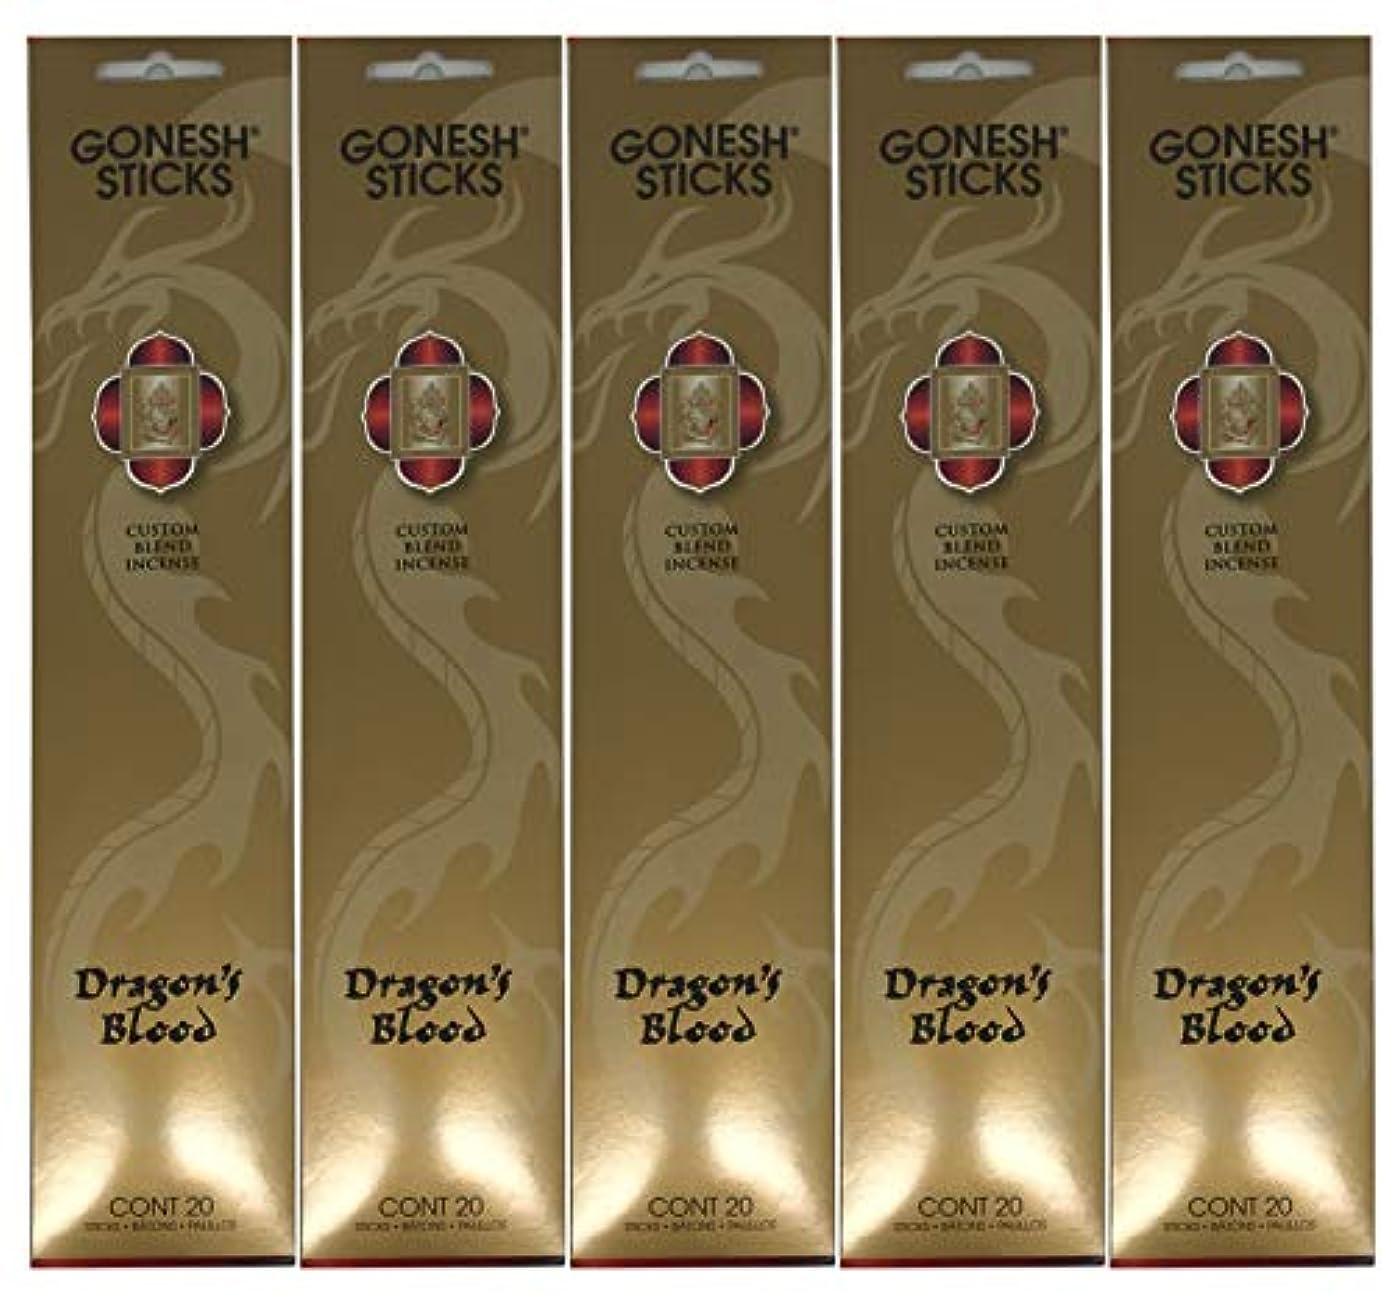 オーディション不適のヒープGonesh カスタムブレンドインセンススティック - Dragon's Blood - 5パック (合計100本)